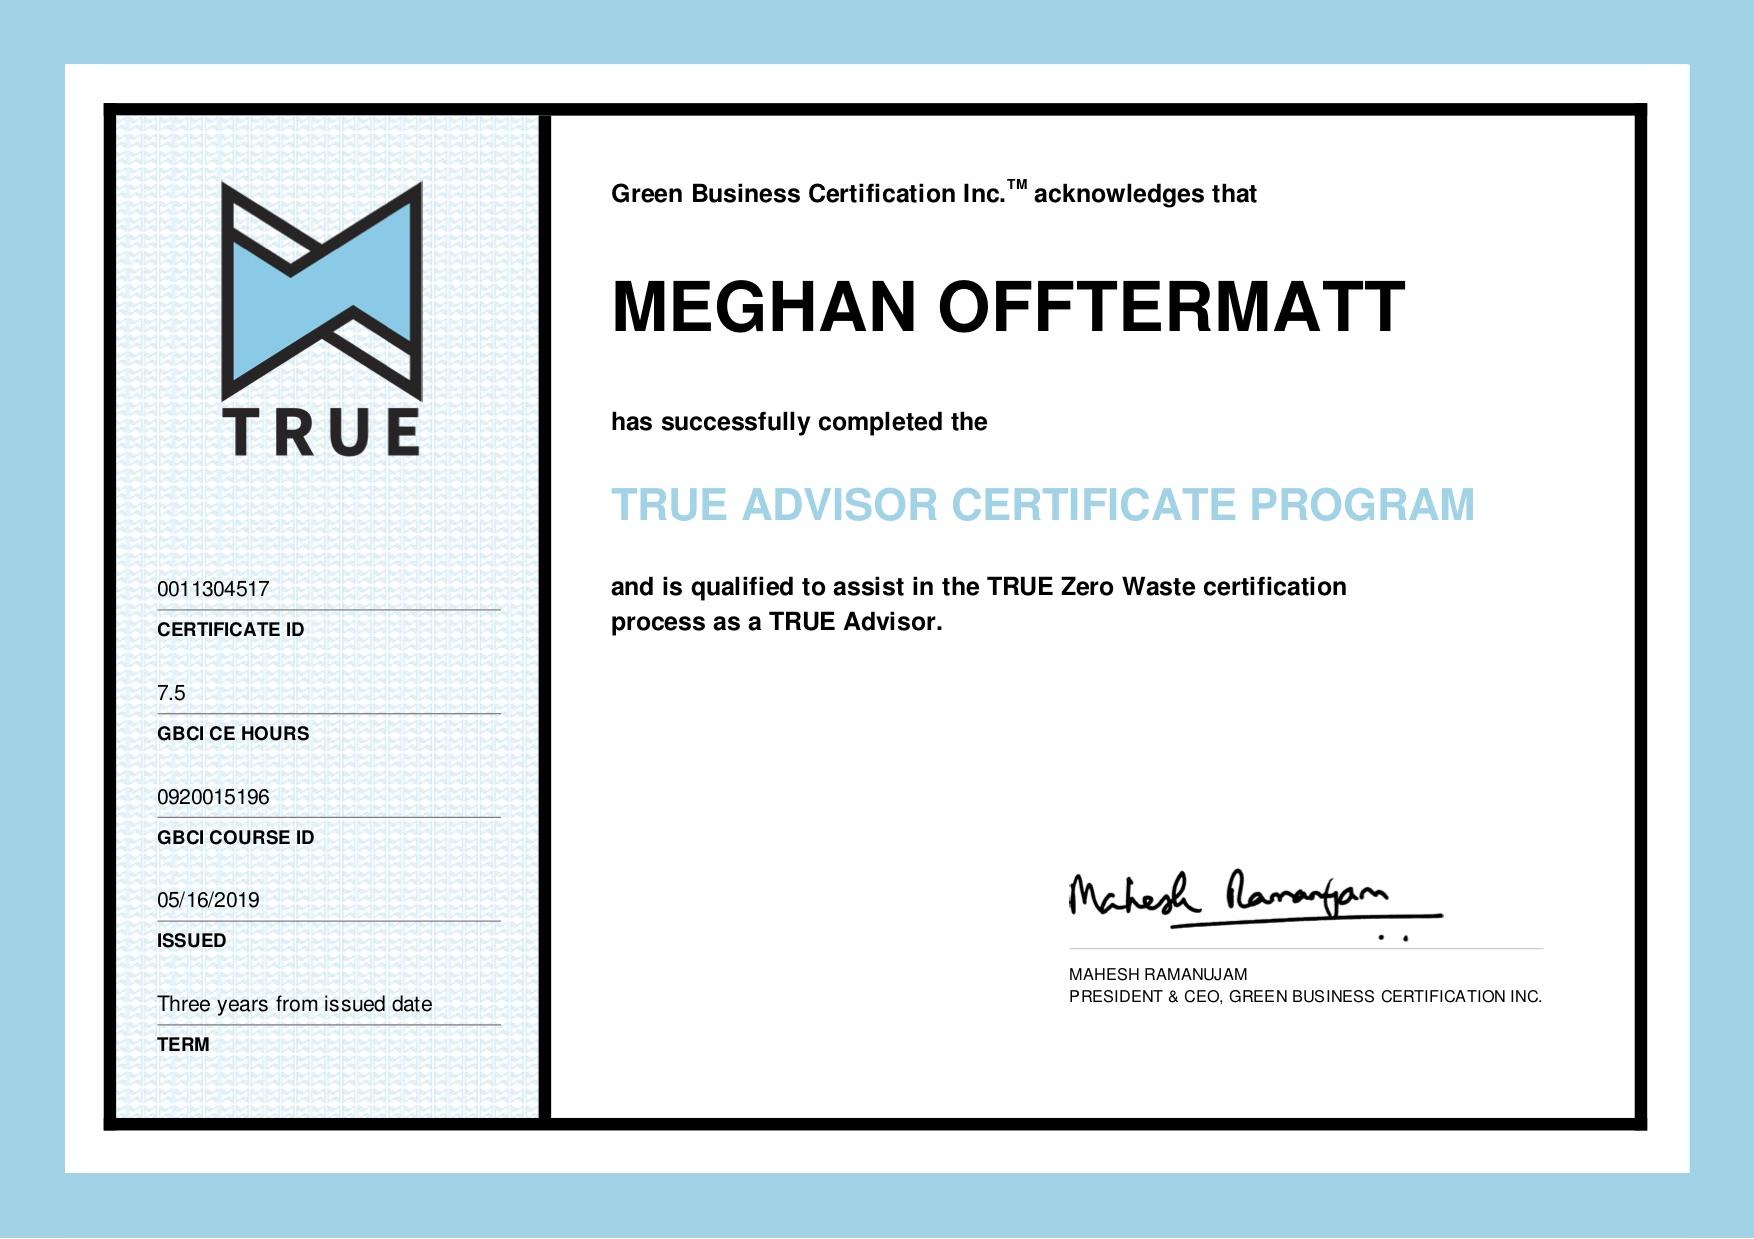 TRUE certified  - Meghan Offtermatt is a TRUE certified Zero-Waste Advisor via Green Business Certification Inc.